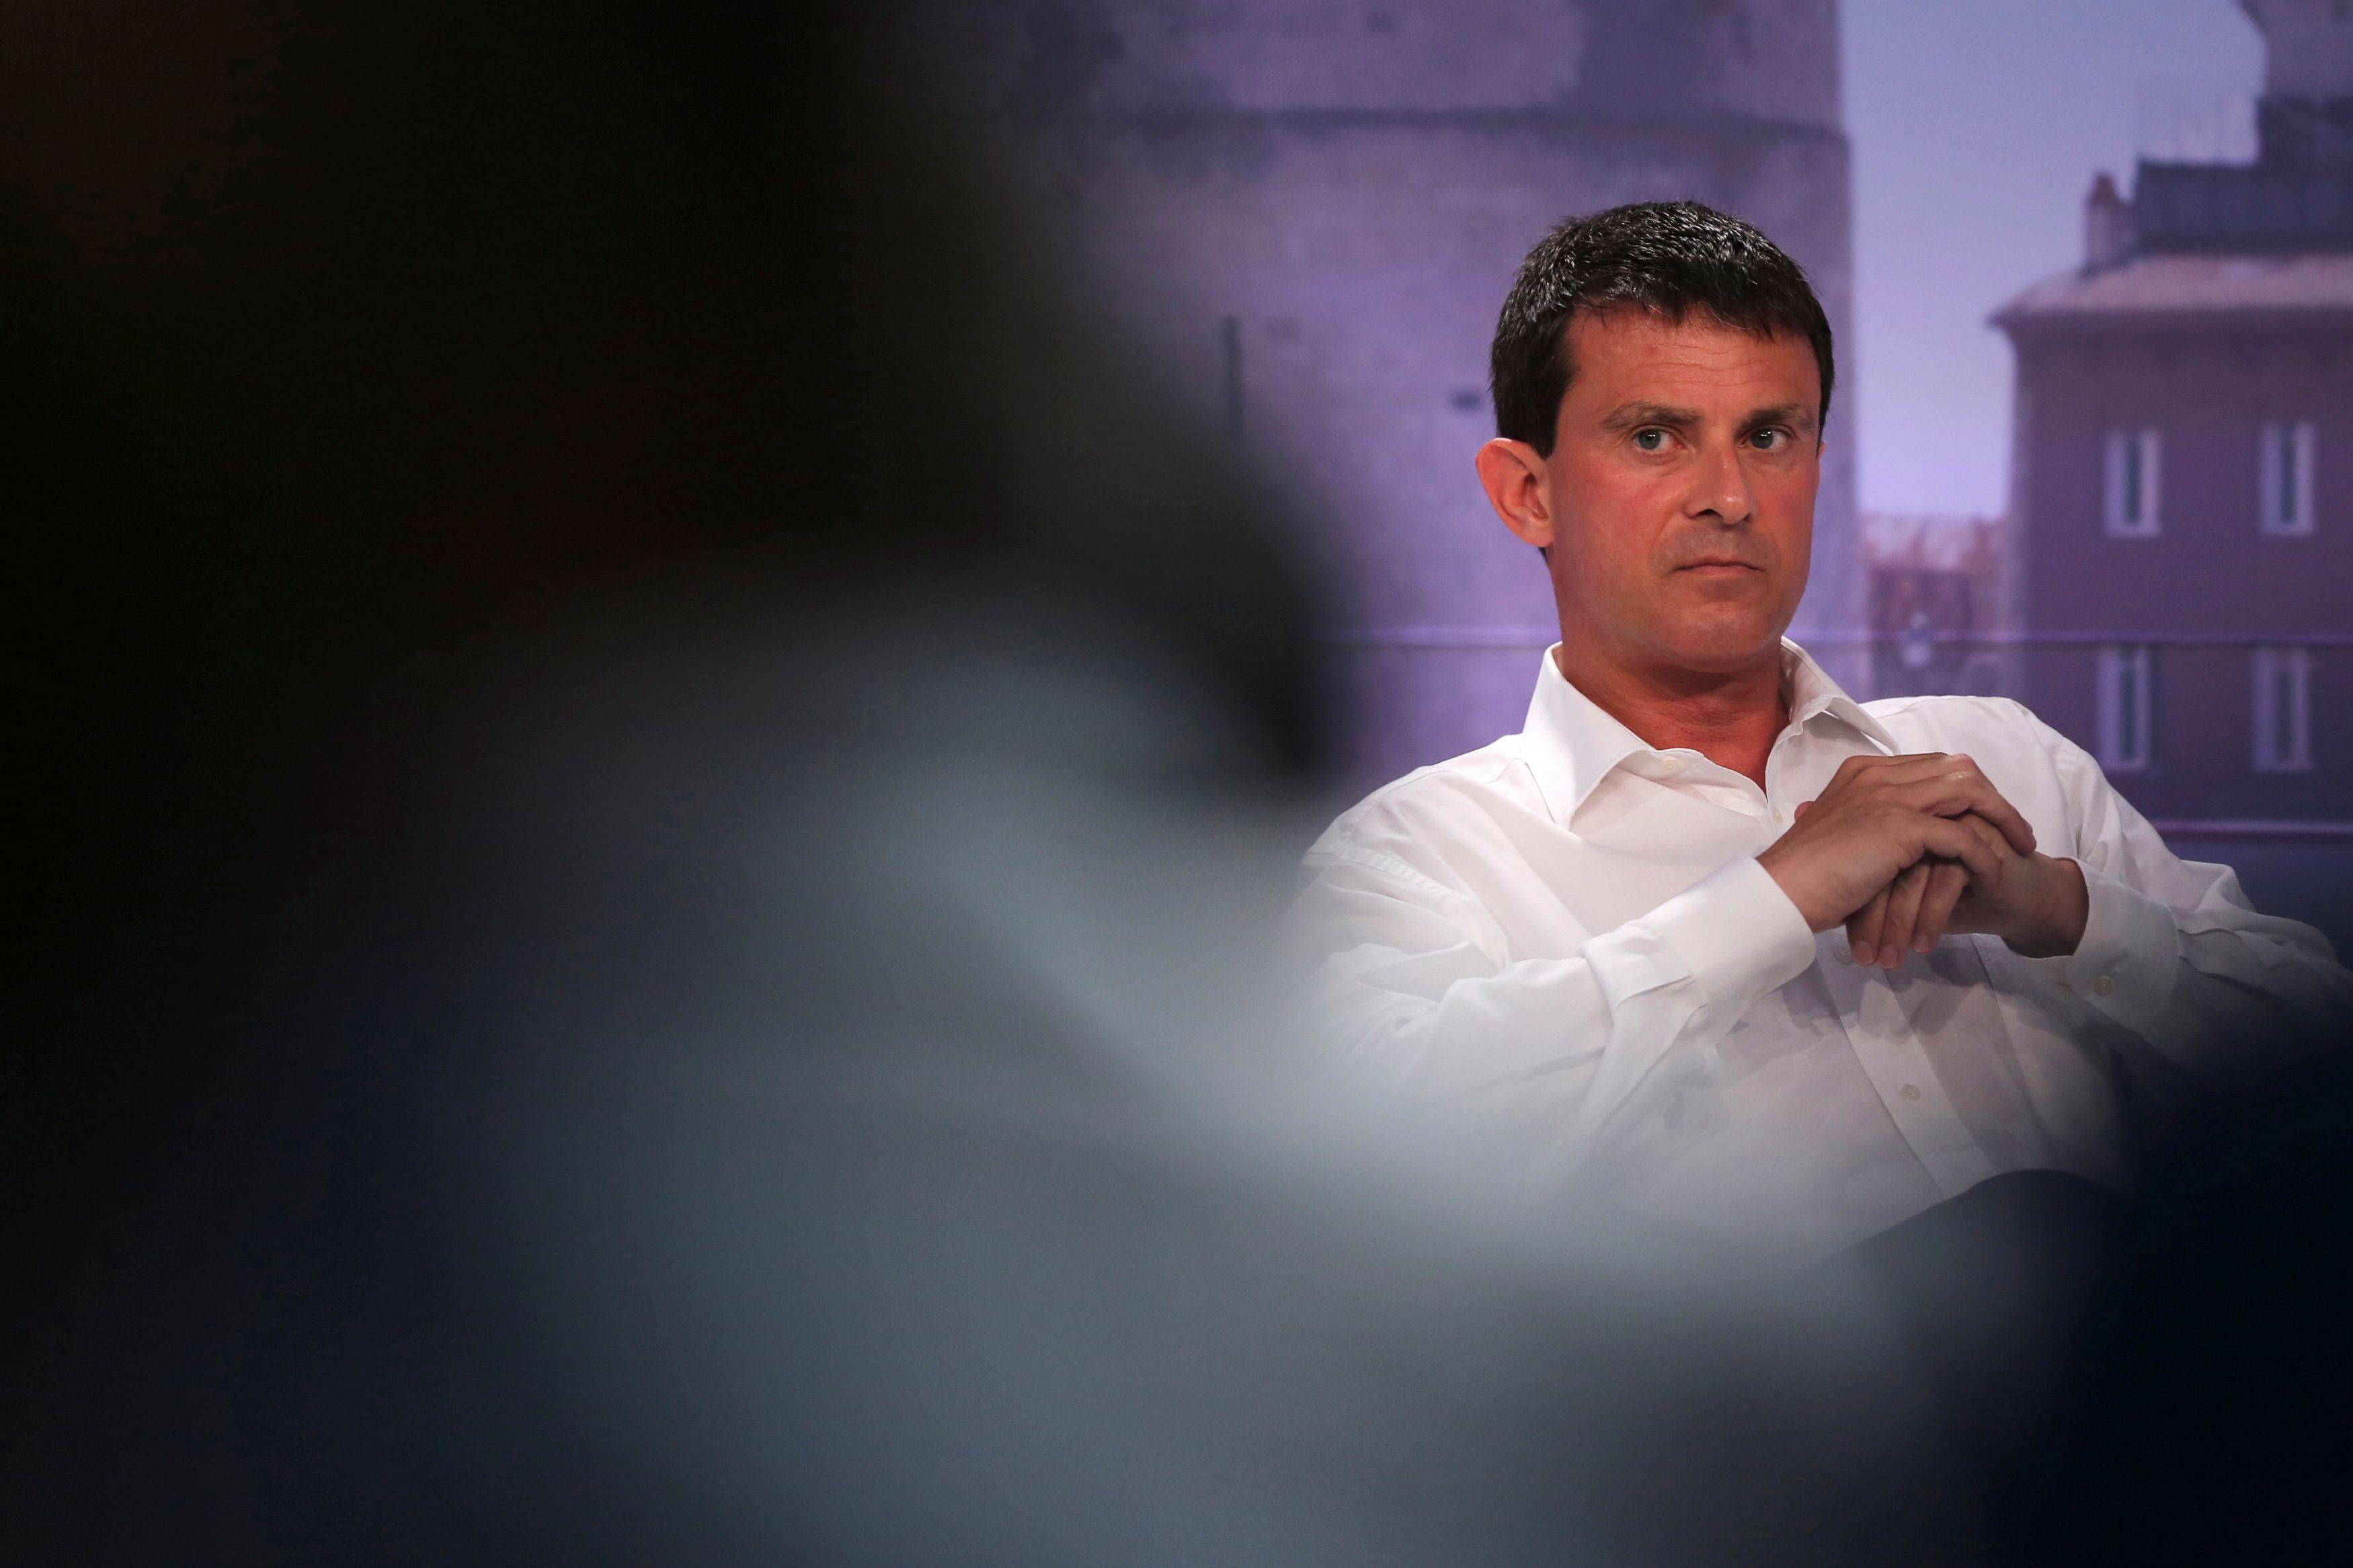 Pourquoi la droite en est venue à concentrer ses attaques sur Manuel Valls (et les limites de cette stratégie)